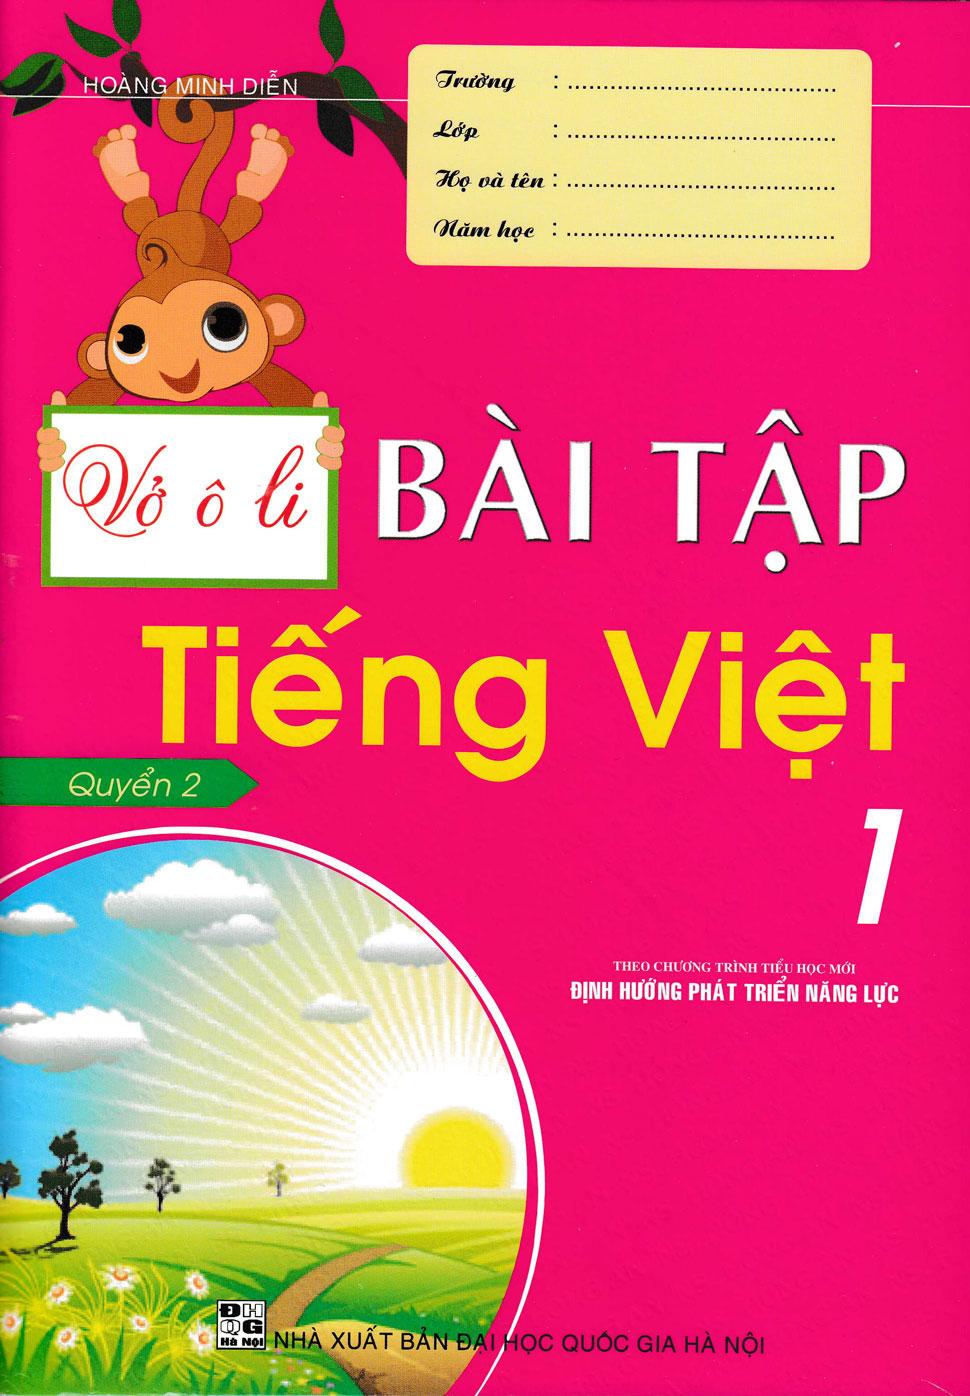 Vở Ô Li Bài Tập Tiếng Việt 1 (Quyển 2) - Theo Chương Trình Tiểu Học Mới Định Hướng Phát Triển Năng Lực